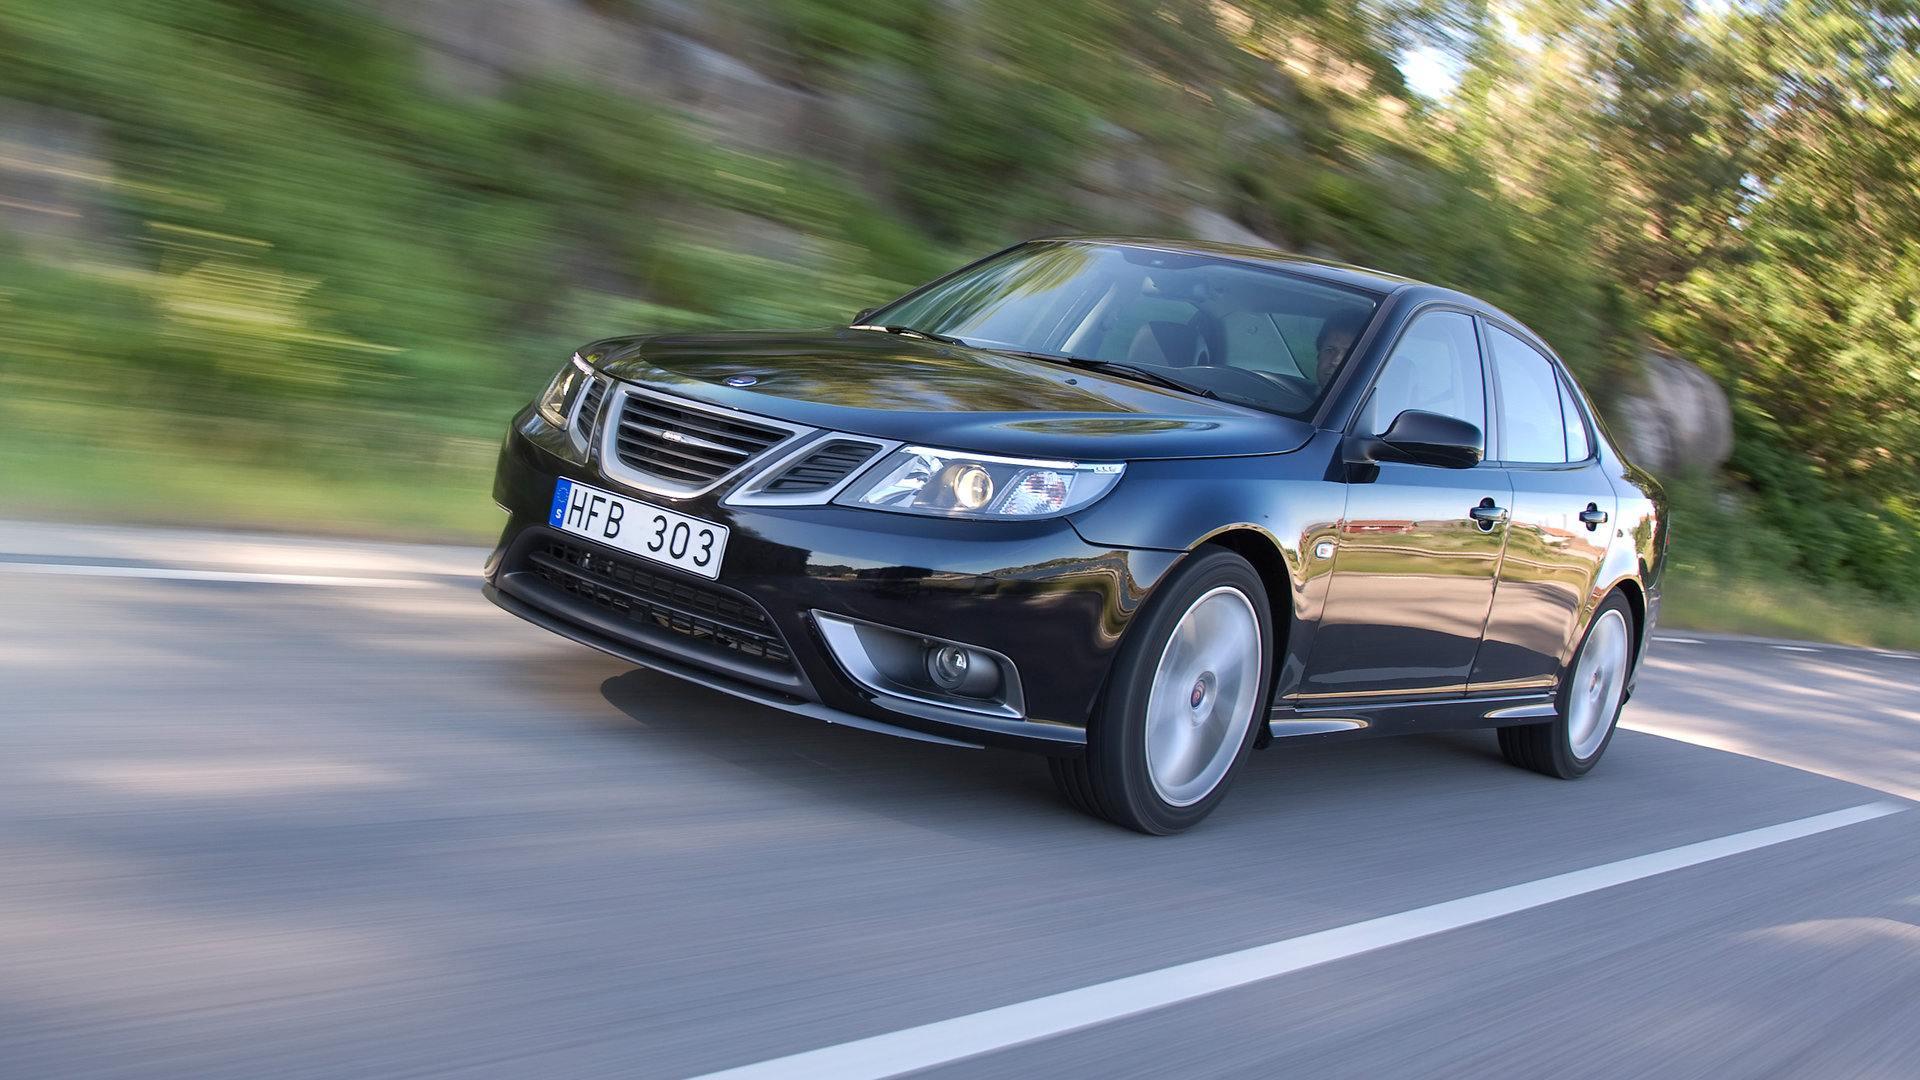 Coche del Día: Saab 9-3 Turbo X